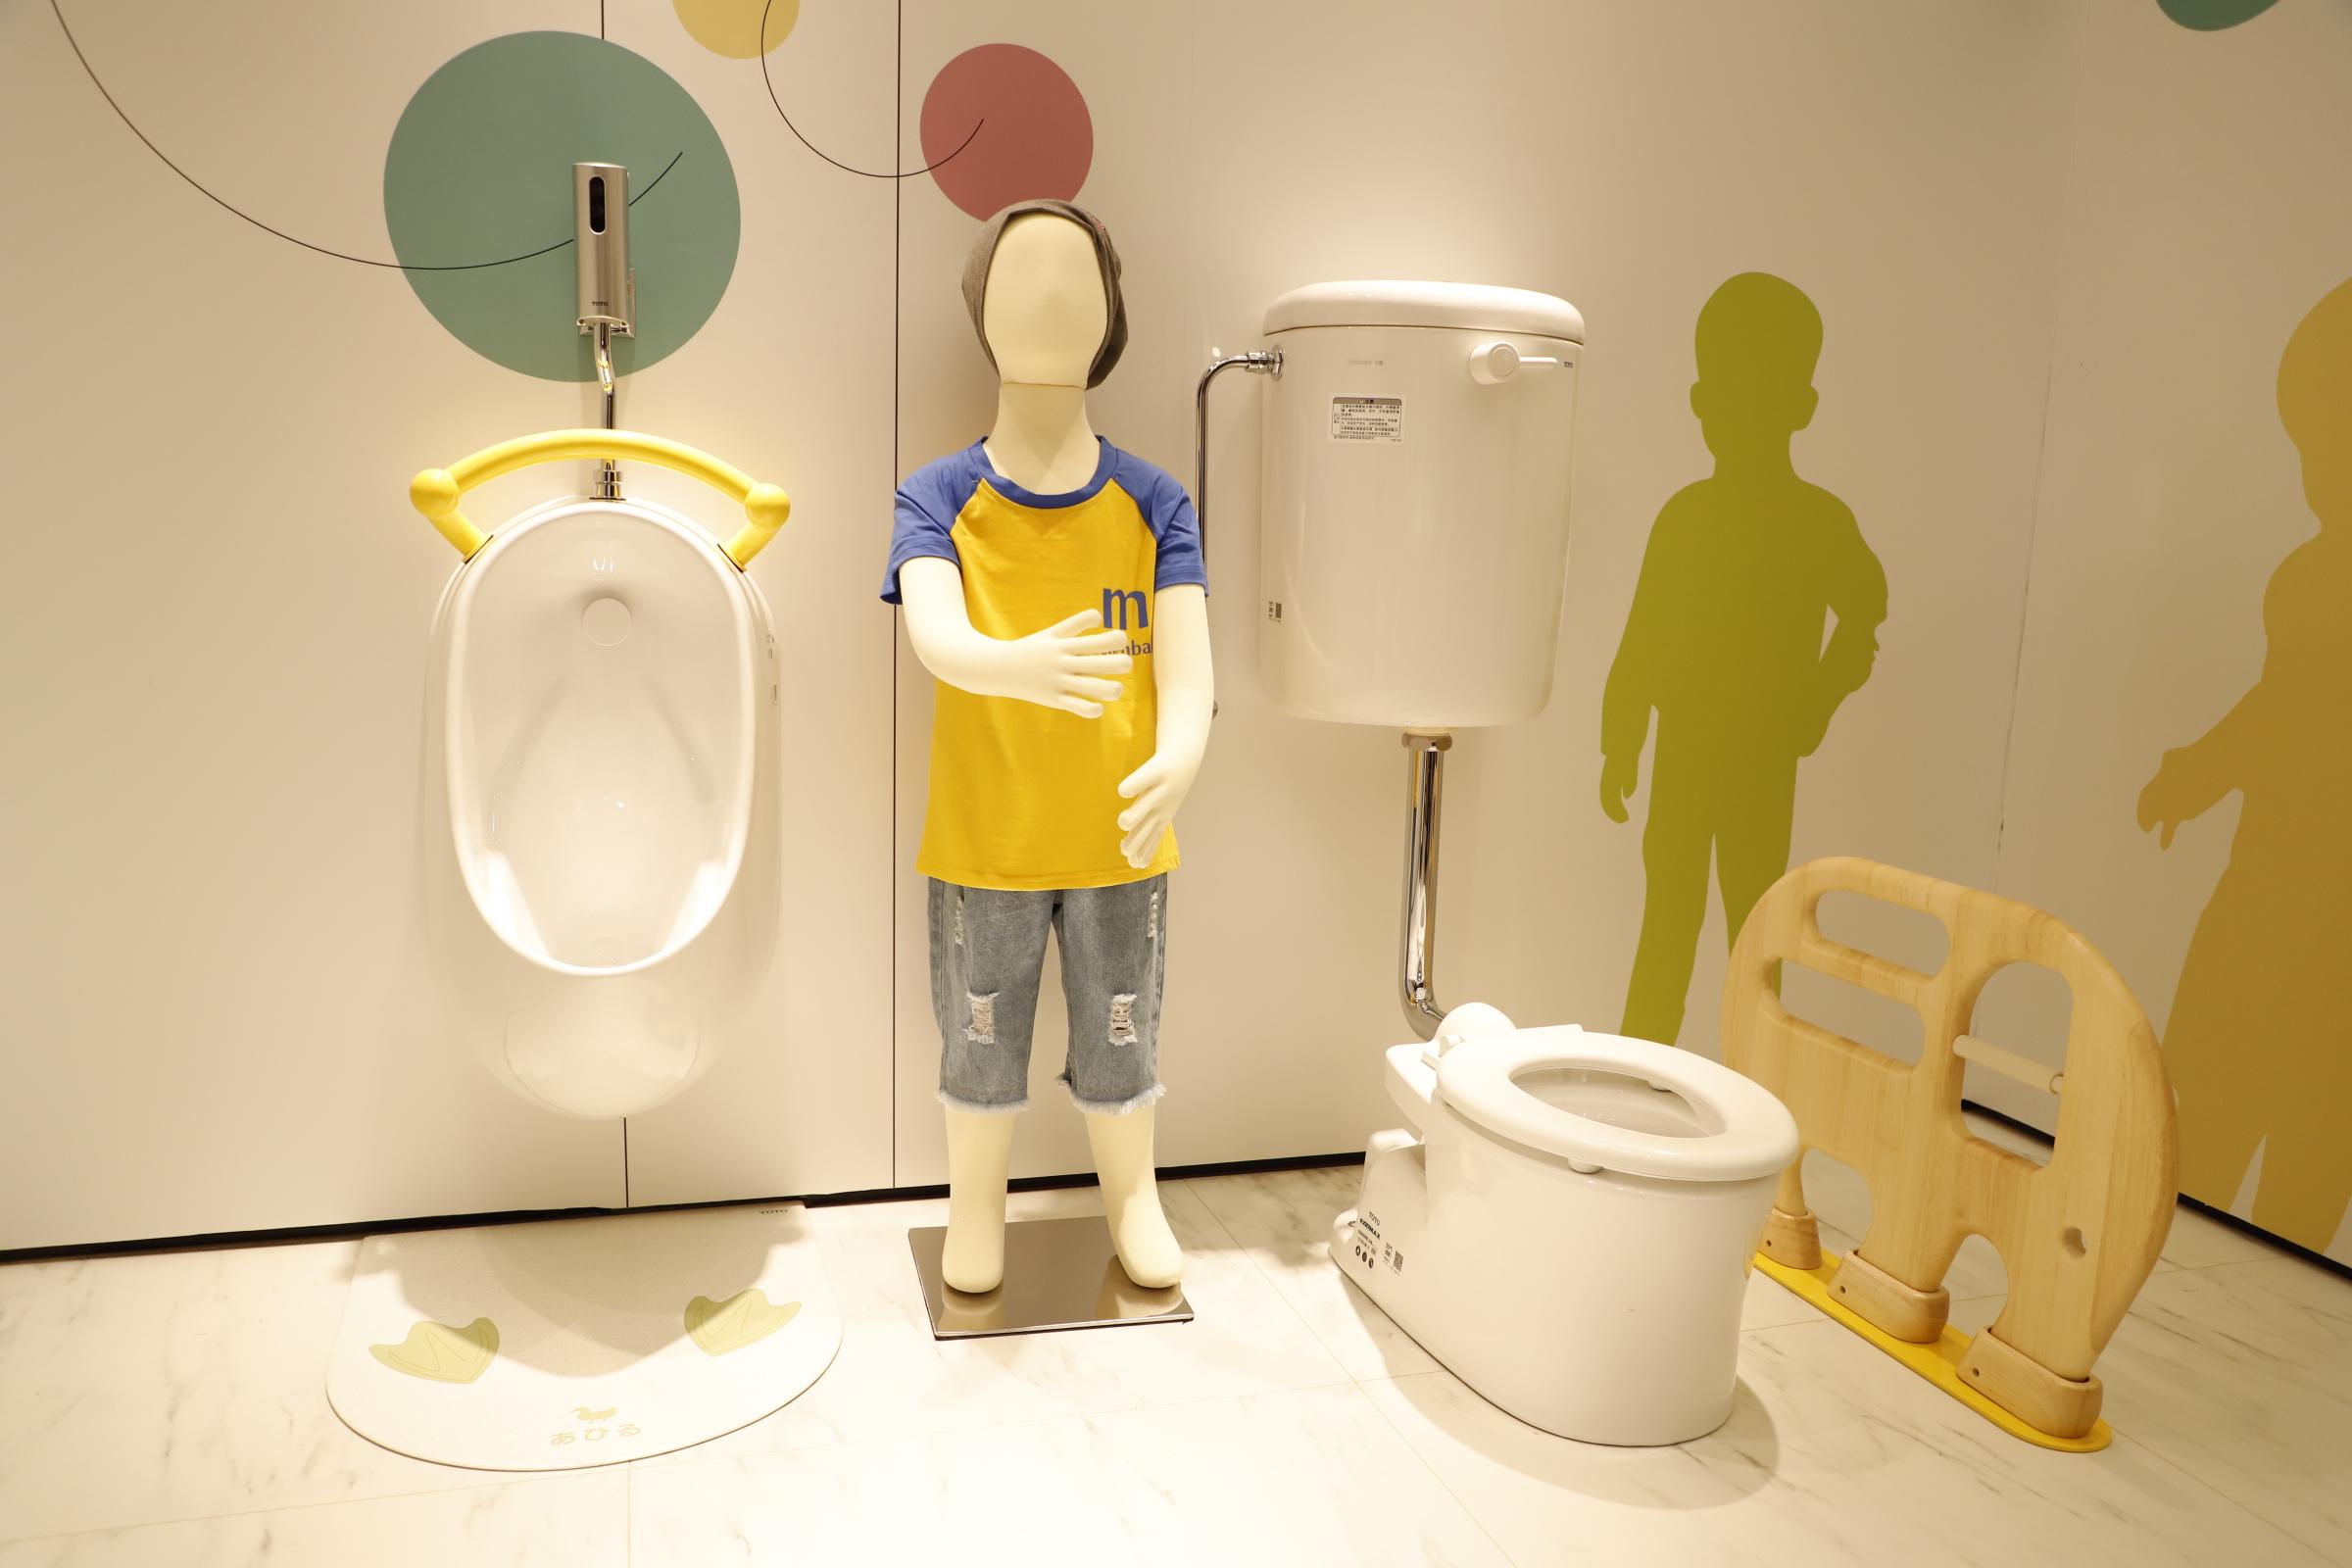 TOTO:儿童卫浴空间,注重各个群体的浴室空间体验,设计加上动物,花朵,动漫等元素,让小朋友速度爱上浴室生活